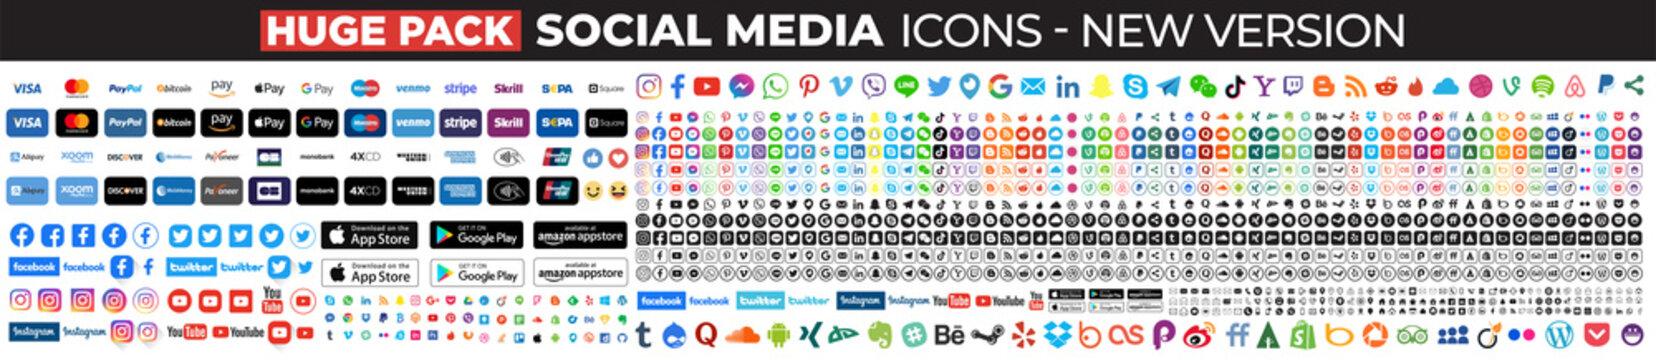 Huge Pack social media icons. Facebook, instagram, twitter, youtube, linkedin, tiktok, google, linkedin, whatsapp, snapchat,...